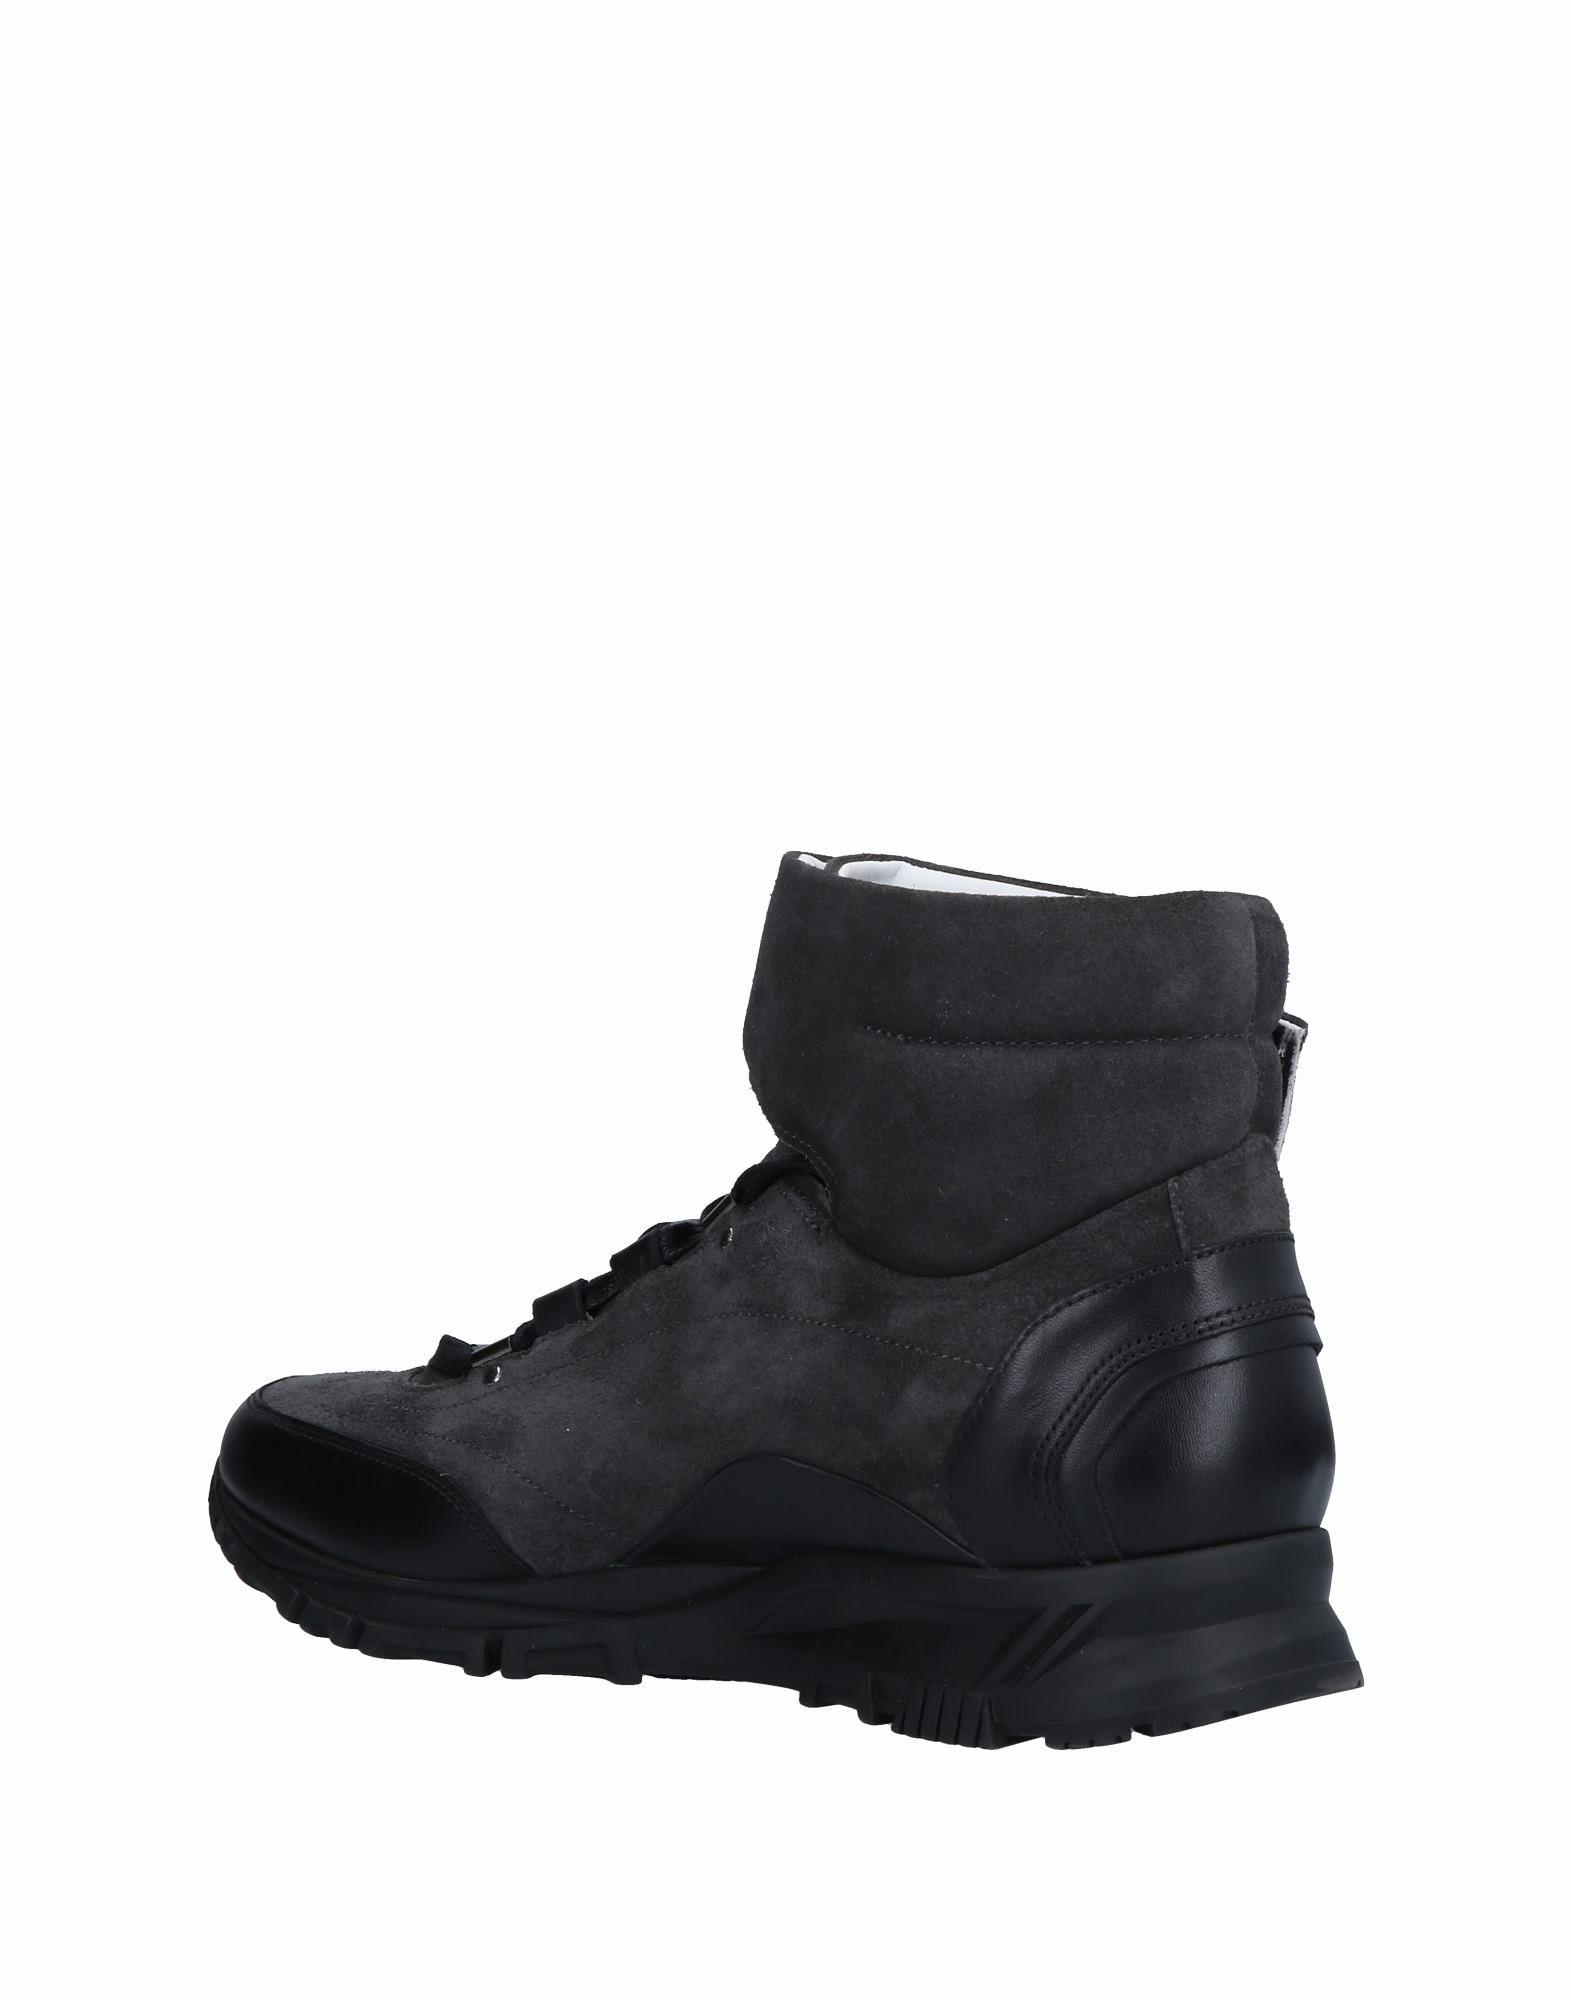 Lanvin Sneakers Gute Herren  11514229TT Gute Sneakers Qualität beliebte Schuhe 792868